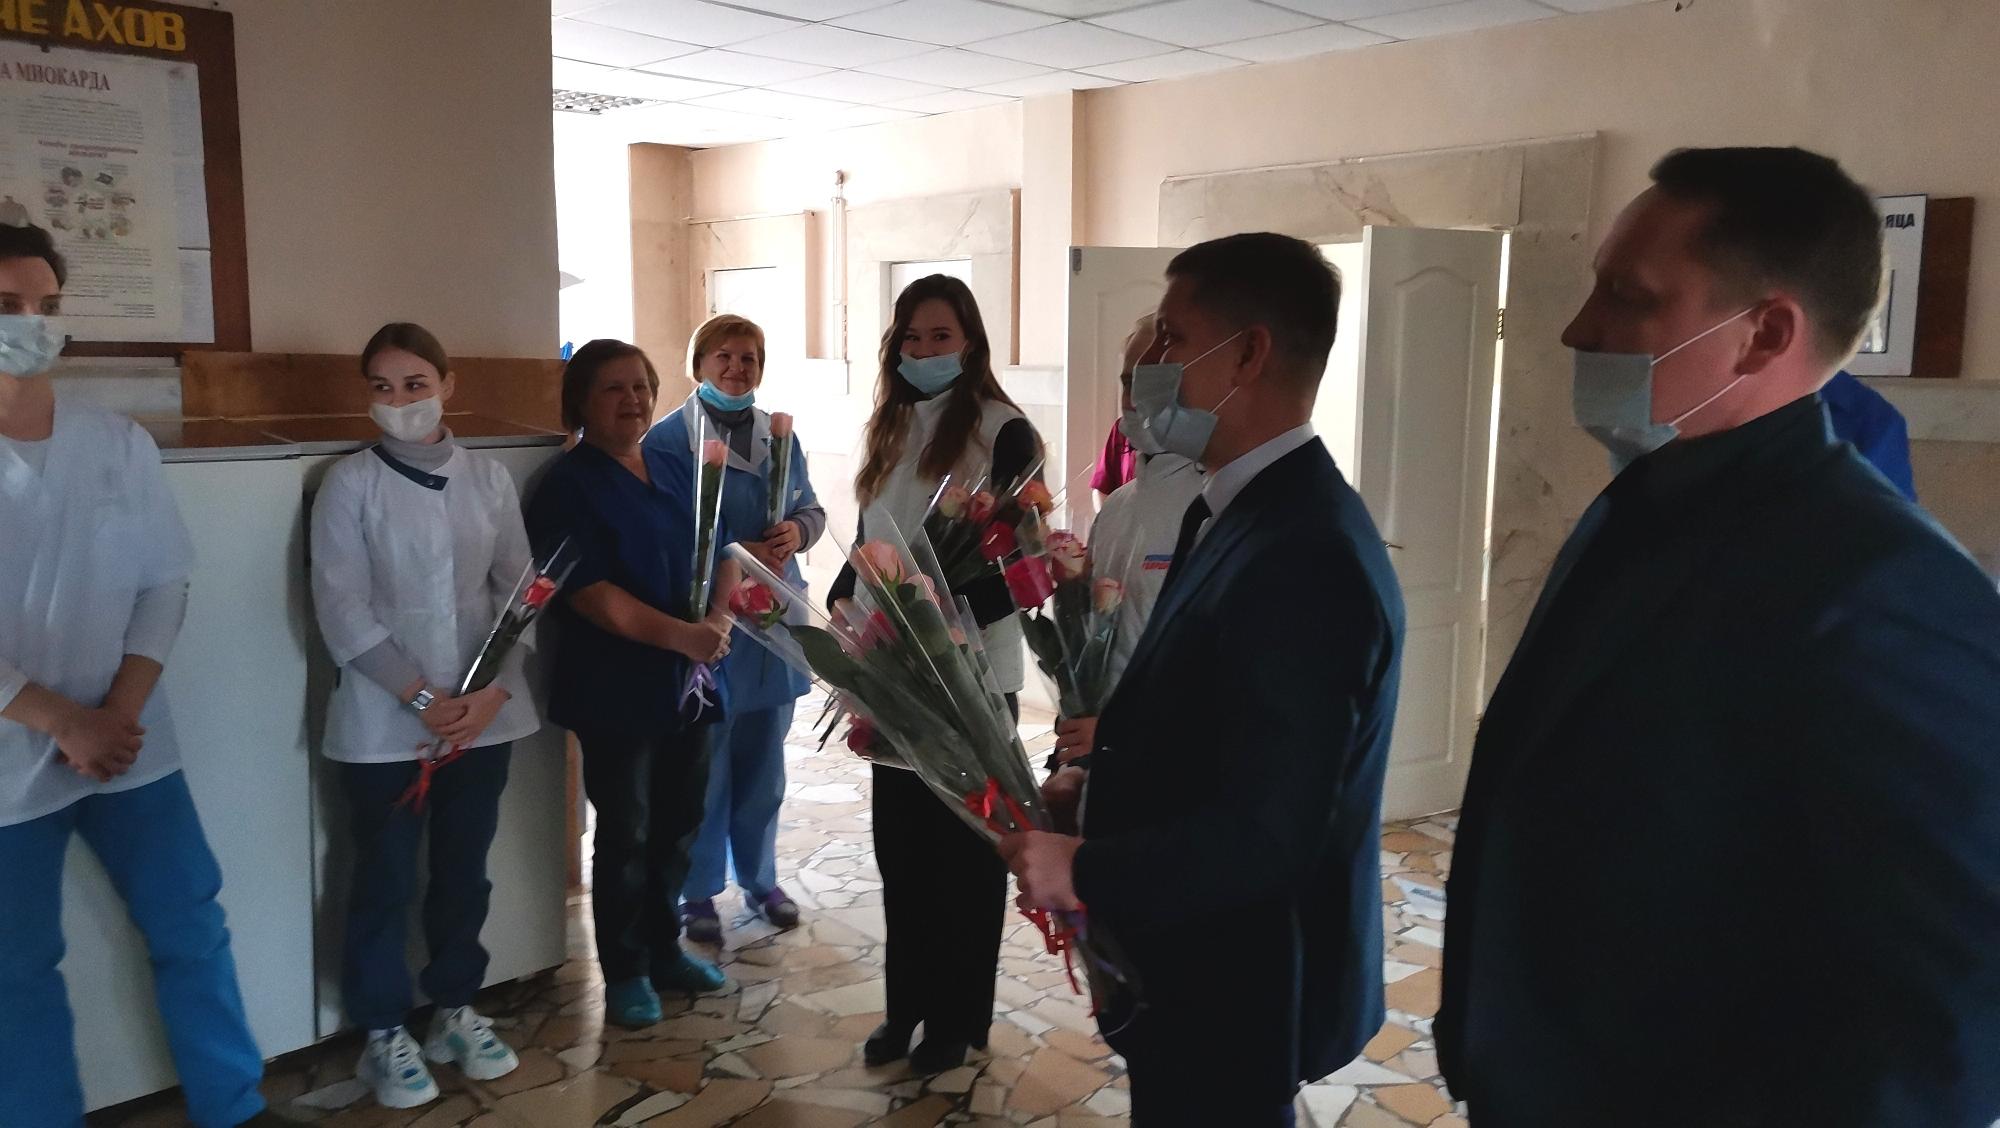 Глава города Балаково Роман Ирисов и председатель комитета Леонид Родионов поздравили работников скорой помощи с профессиональным праздником.